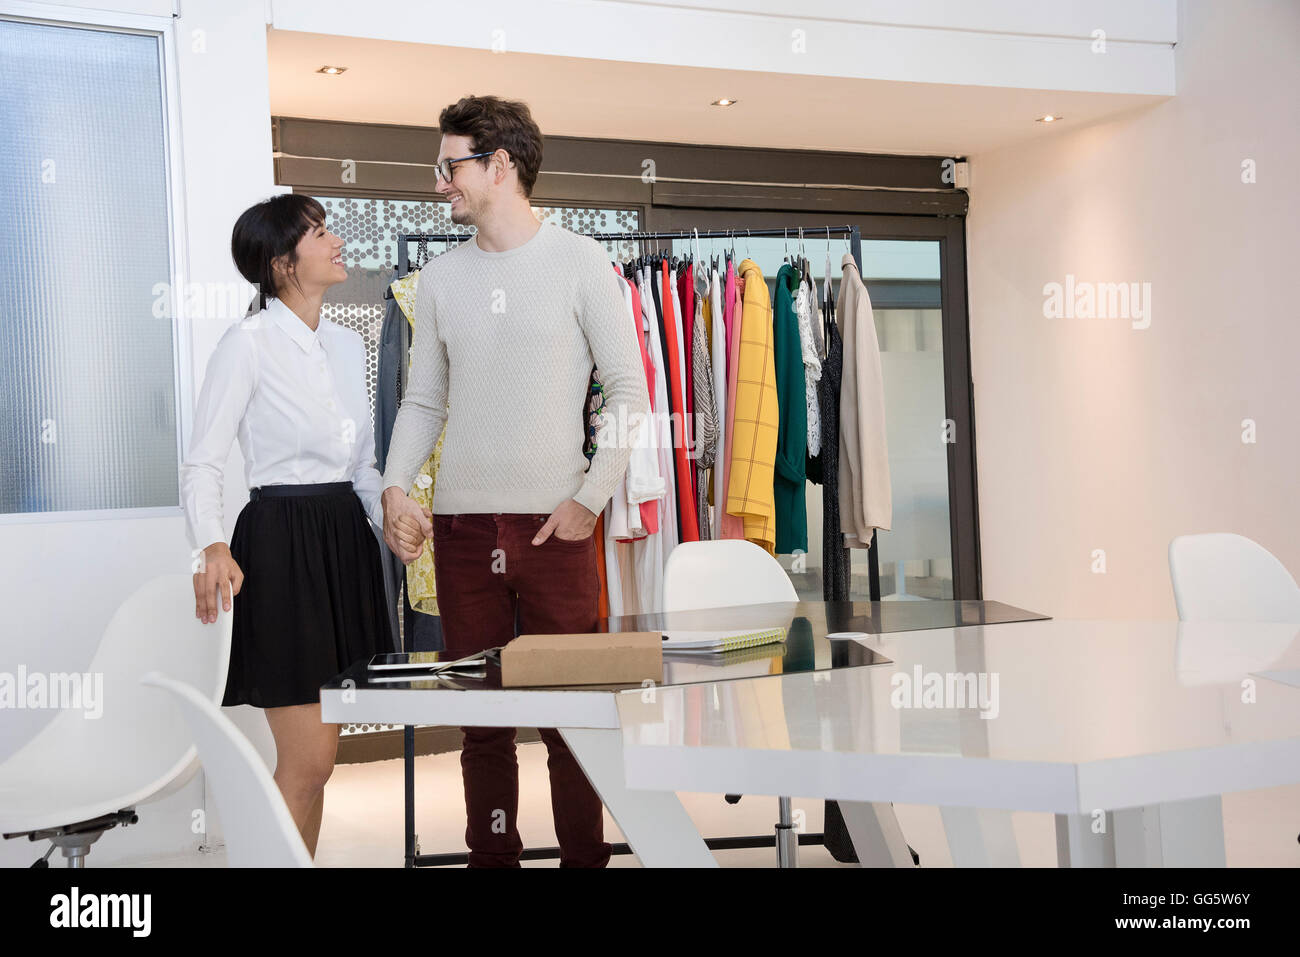 Design professionals smiling in clothing design studio - Stock Image